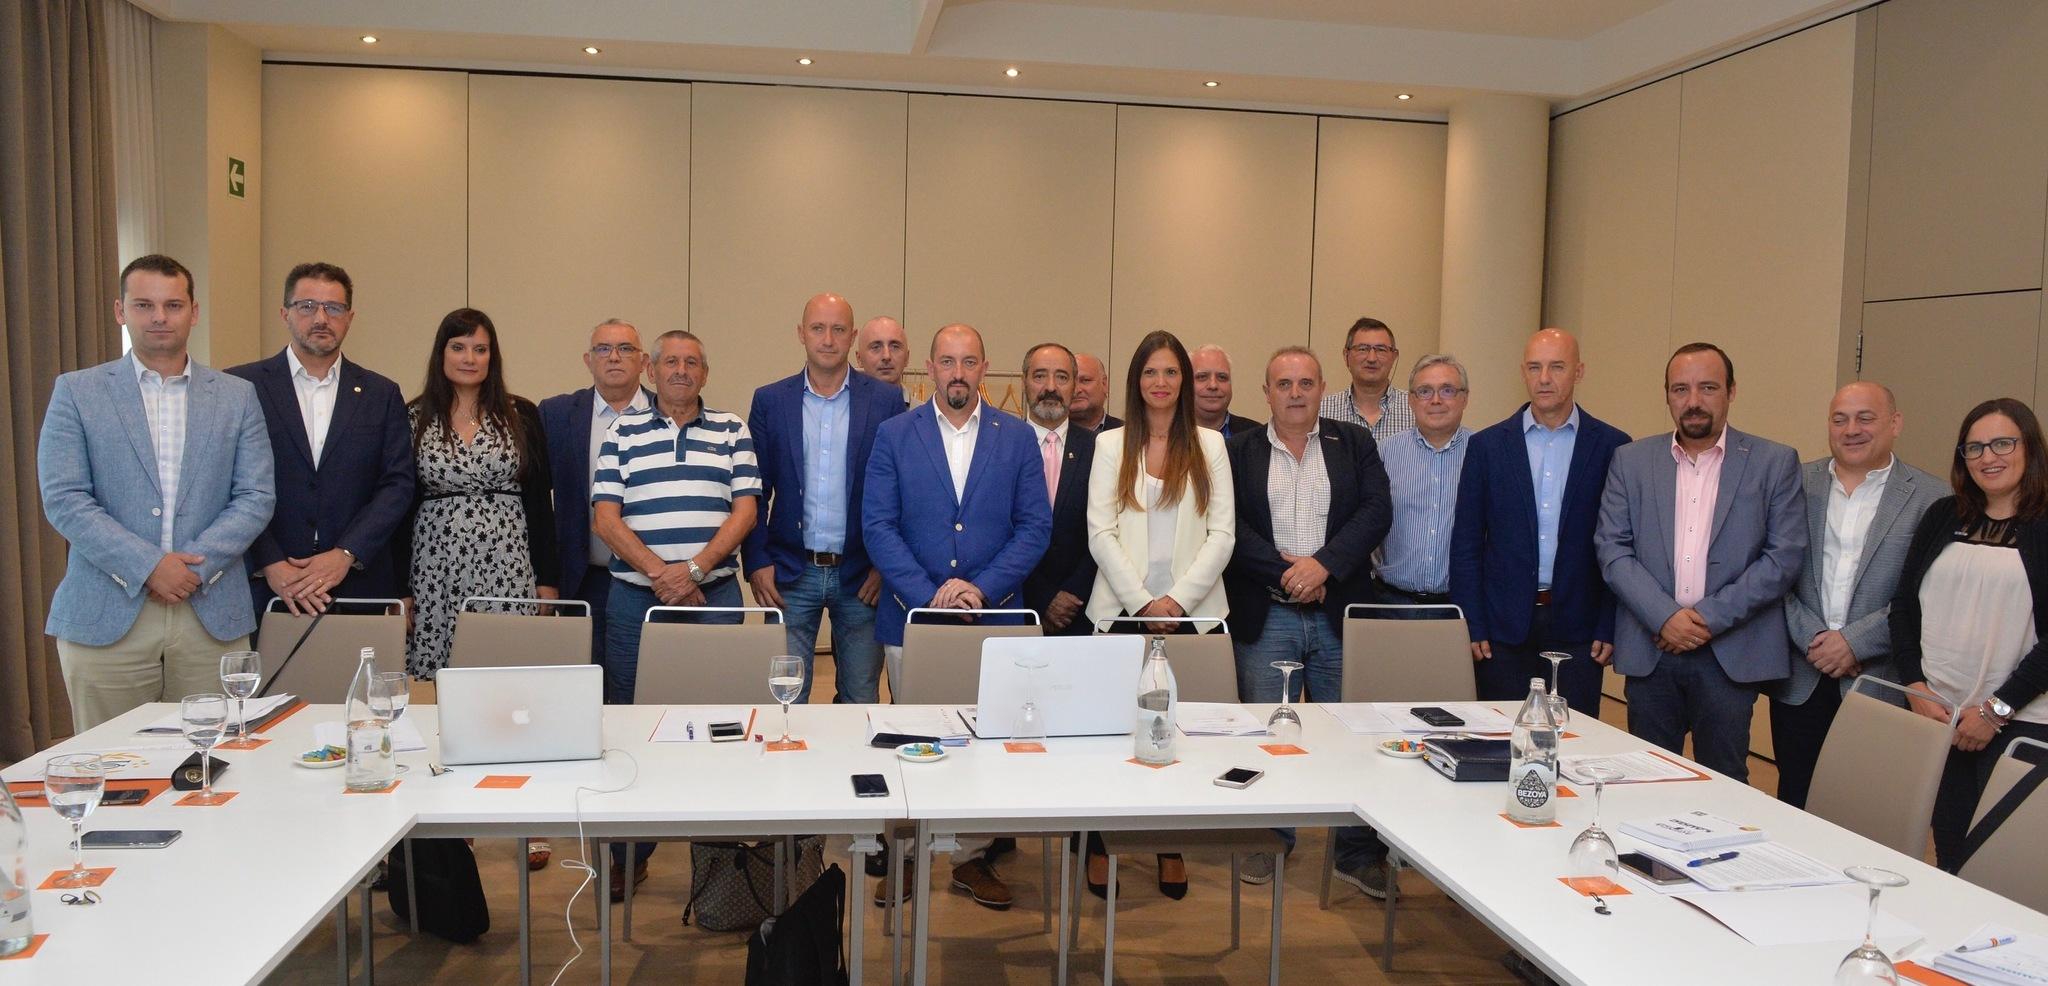 Los representantes de las asociaciones de víctimas y de policías en un reunión en Vitoria.